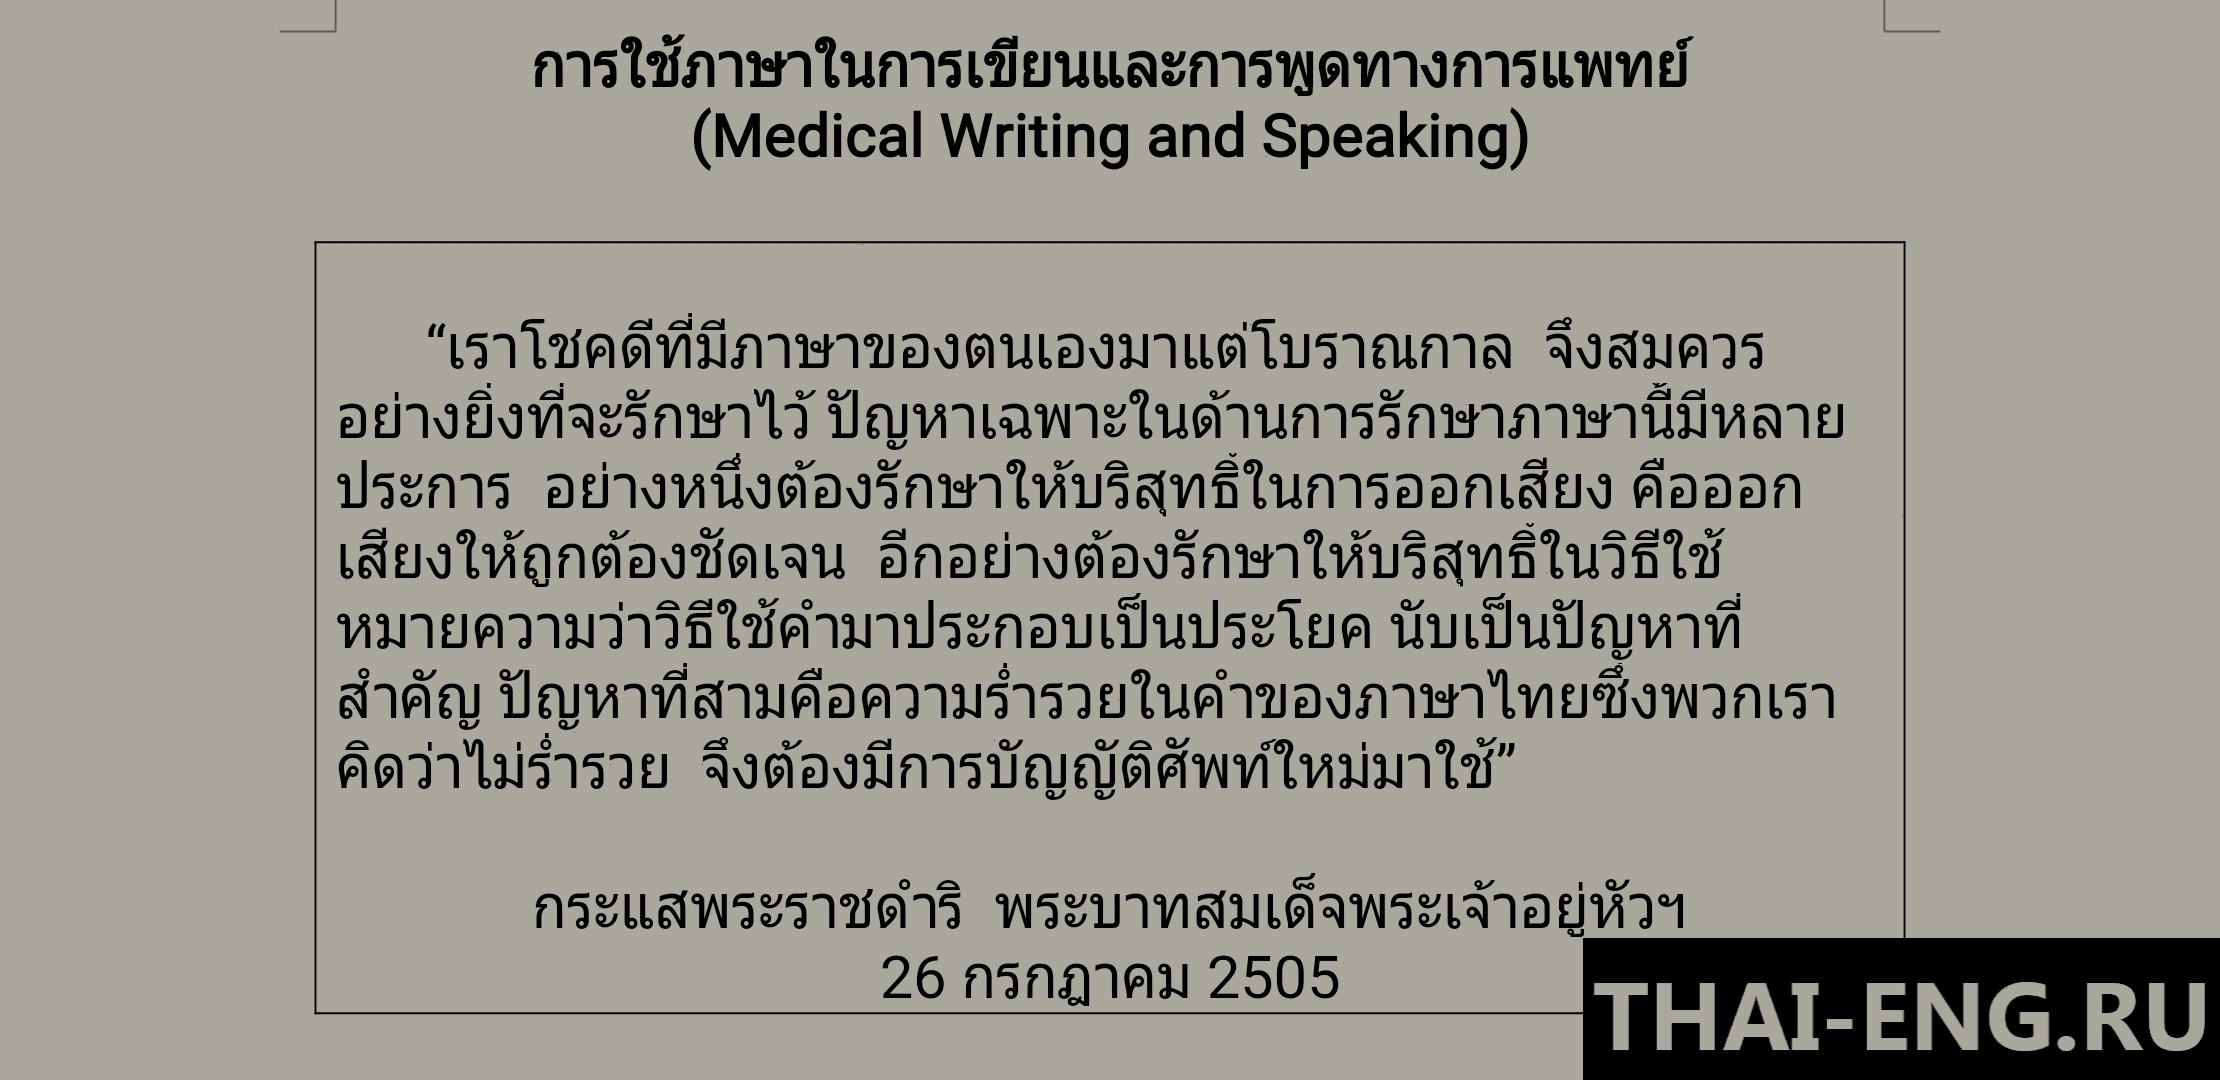 Медицинские и юридические переводы с тайского языка